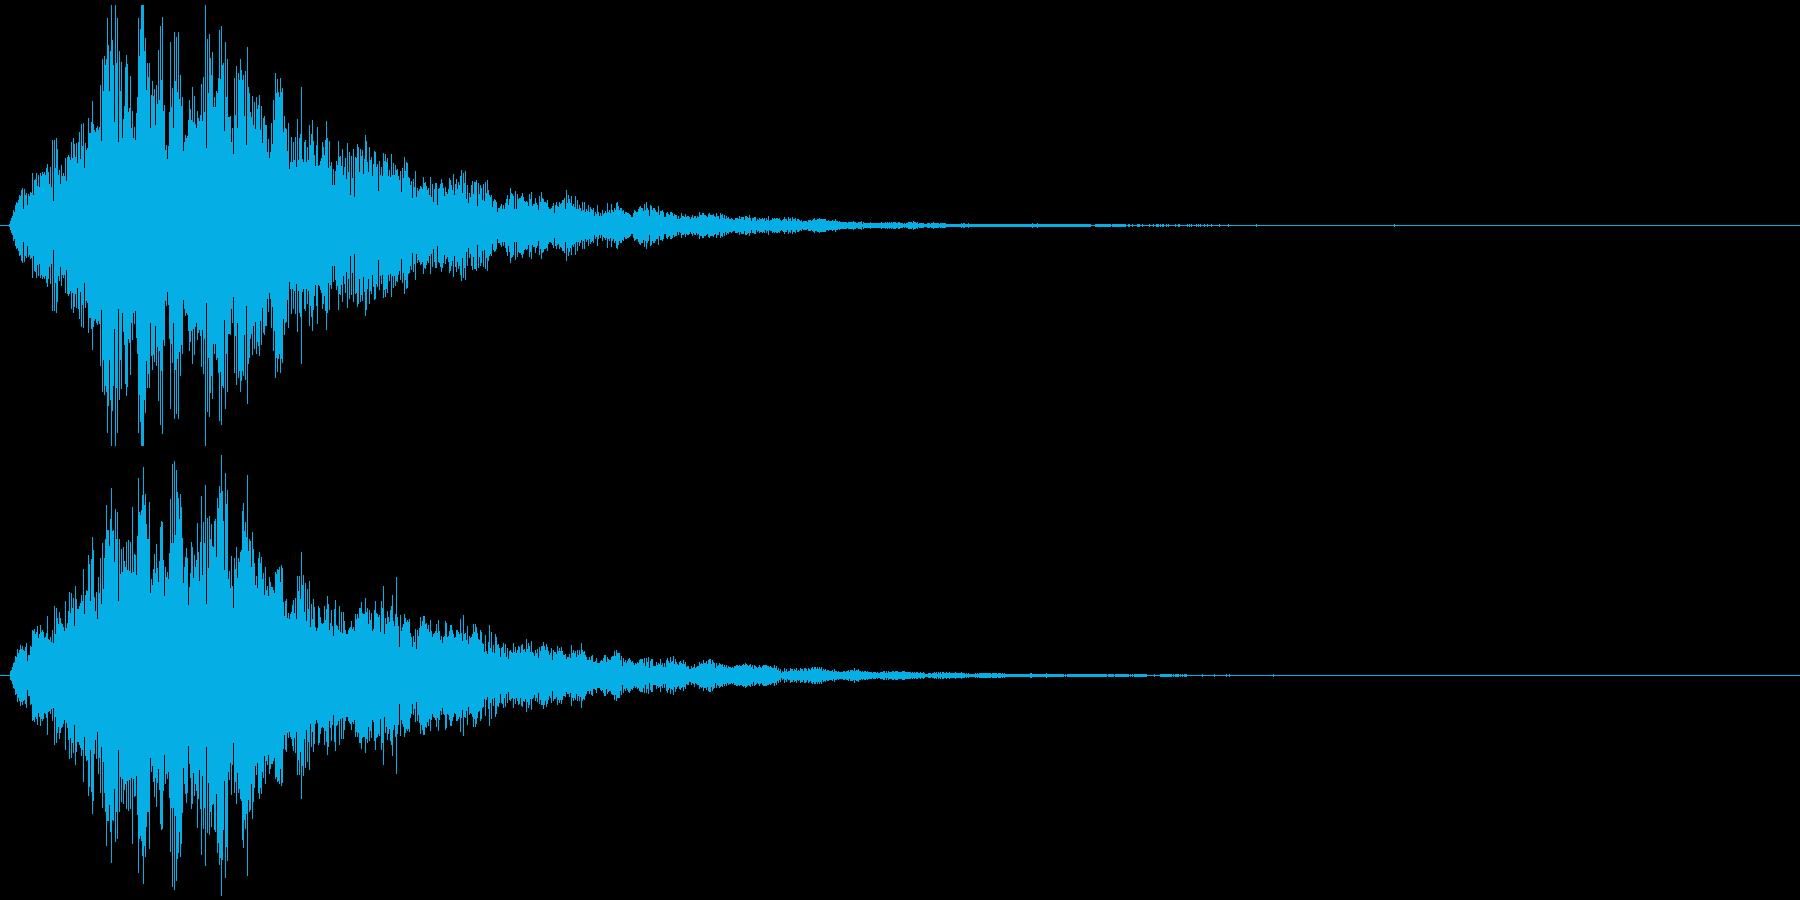 フワワワワーン 状態変化 魔法などの再生済みの波形